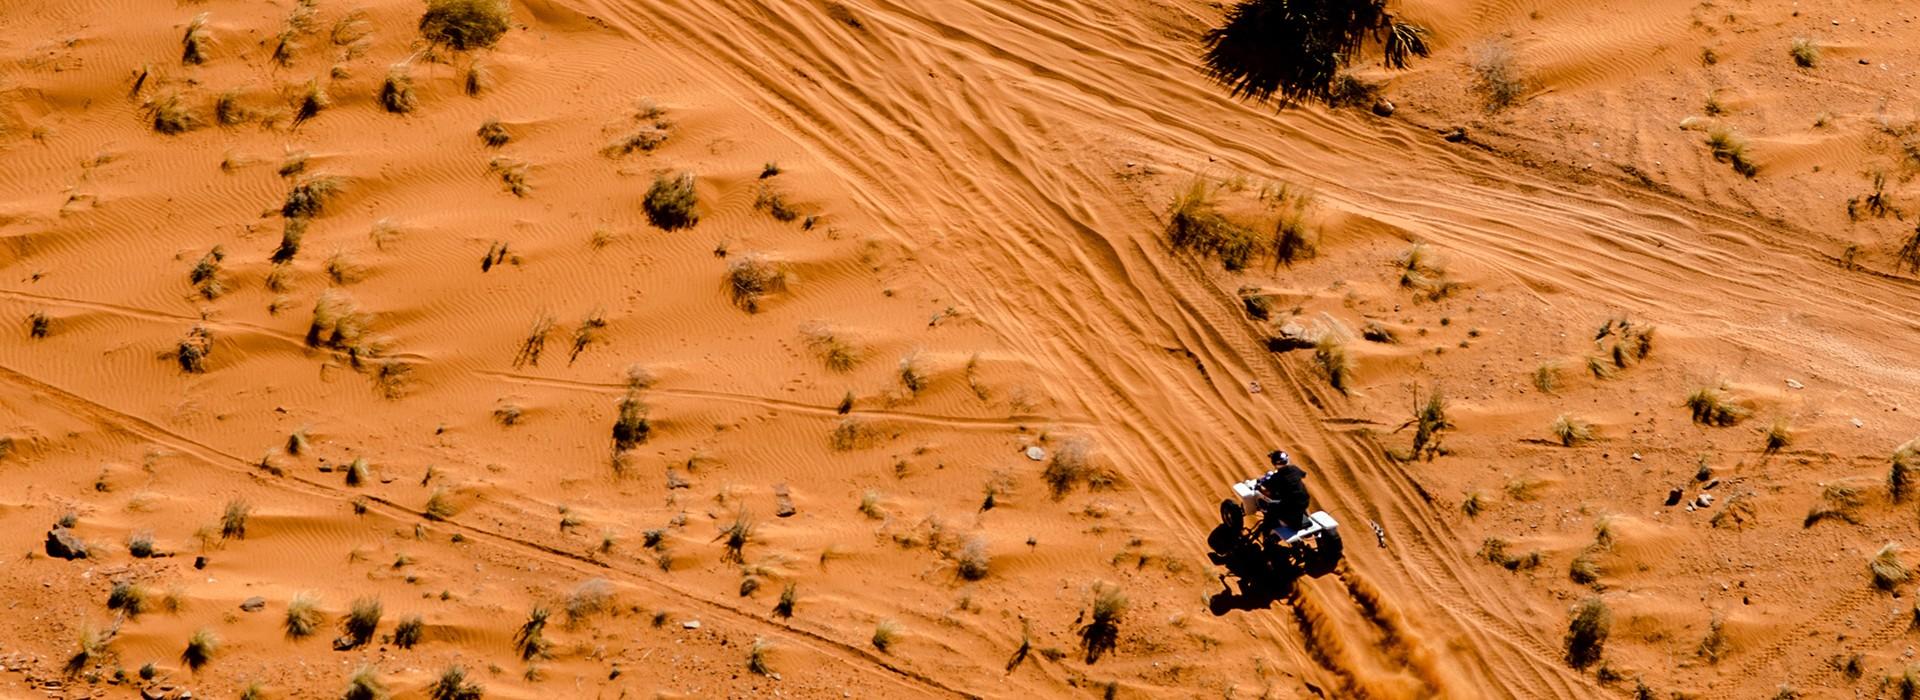 ATVing in Utah